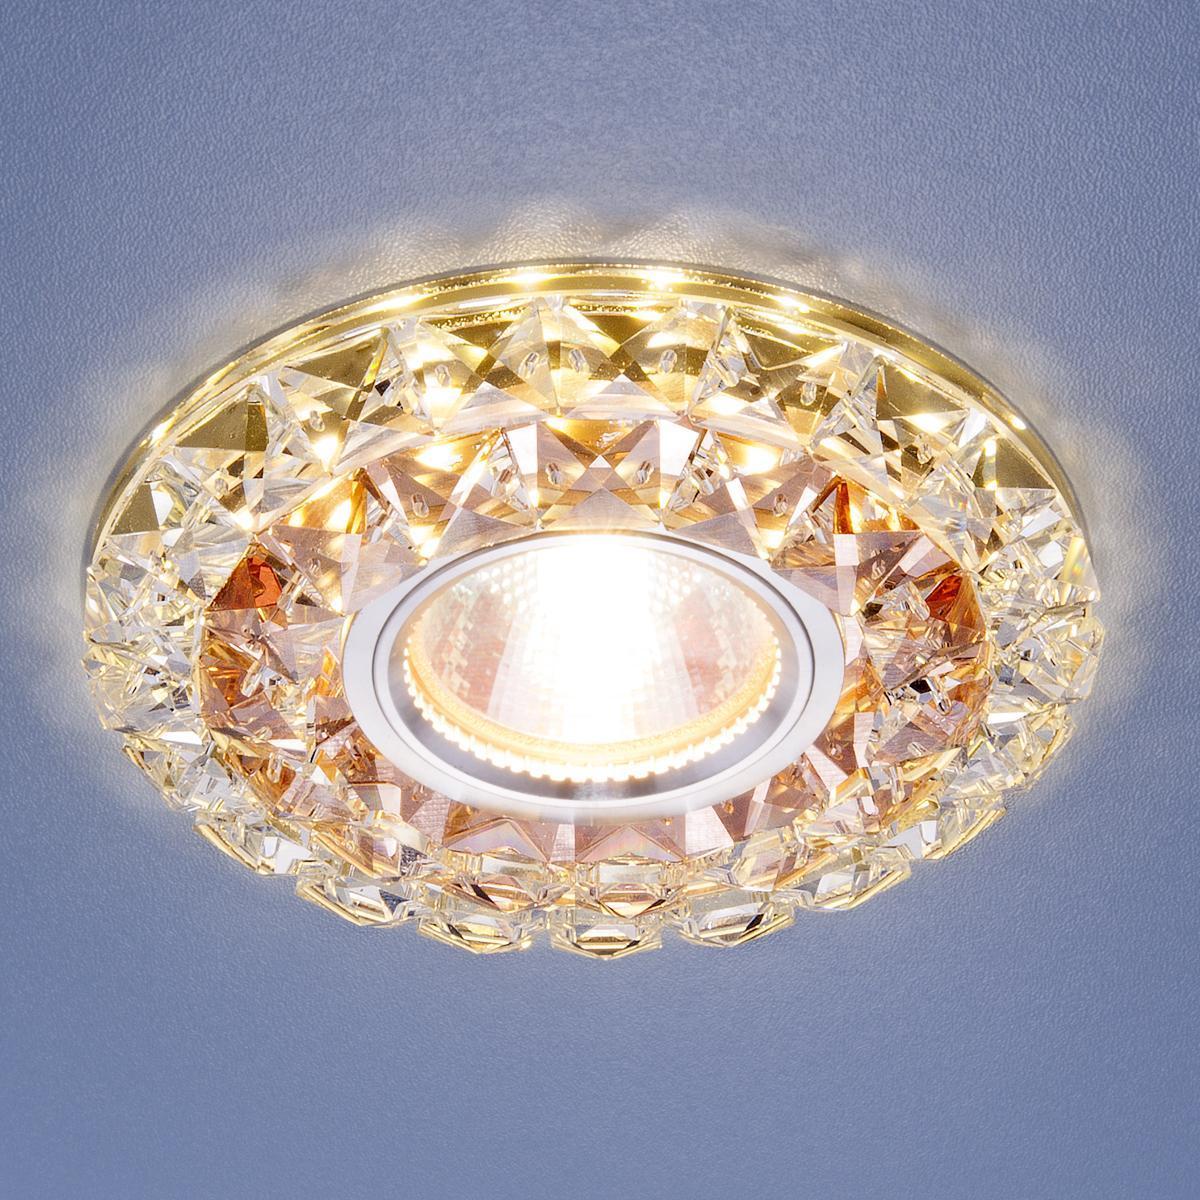 Фото - Встраиваемый светильник Elektrostandard 2170 MR16 GC/CL тонированный/прозрачный 4690389074080 cветильник галогенный de fran встраиваемый 1х50вт mr16 ip20 зел античное золото